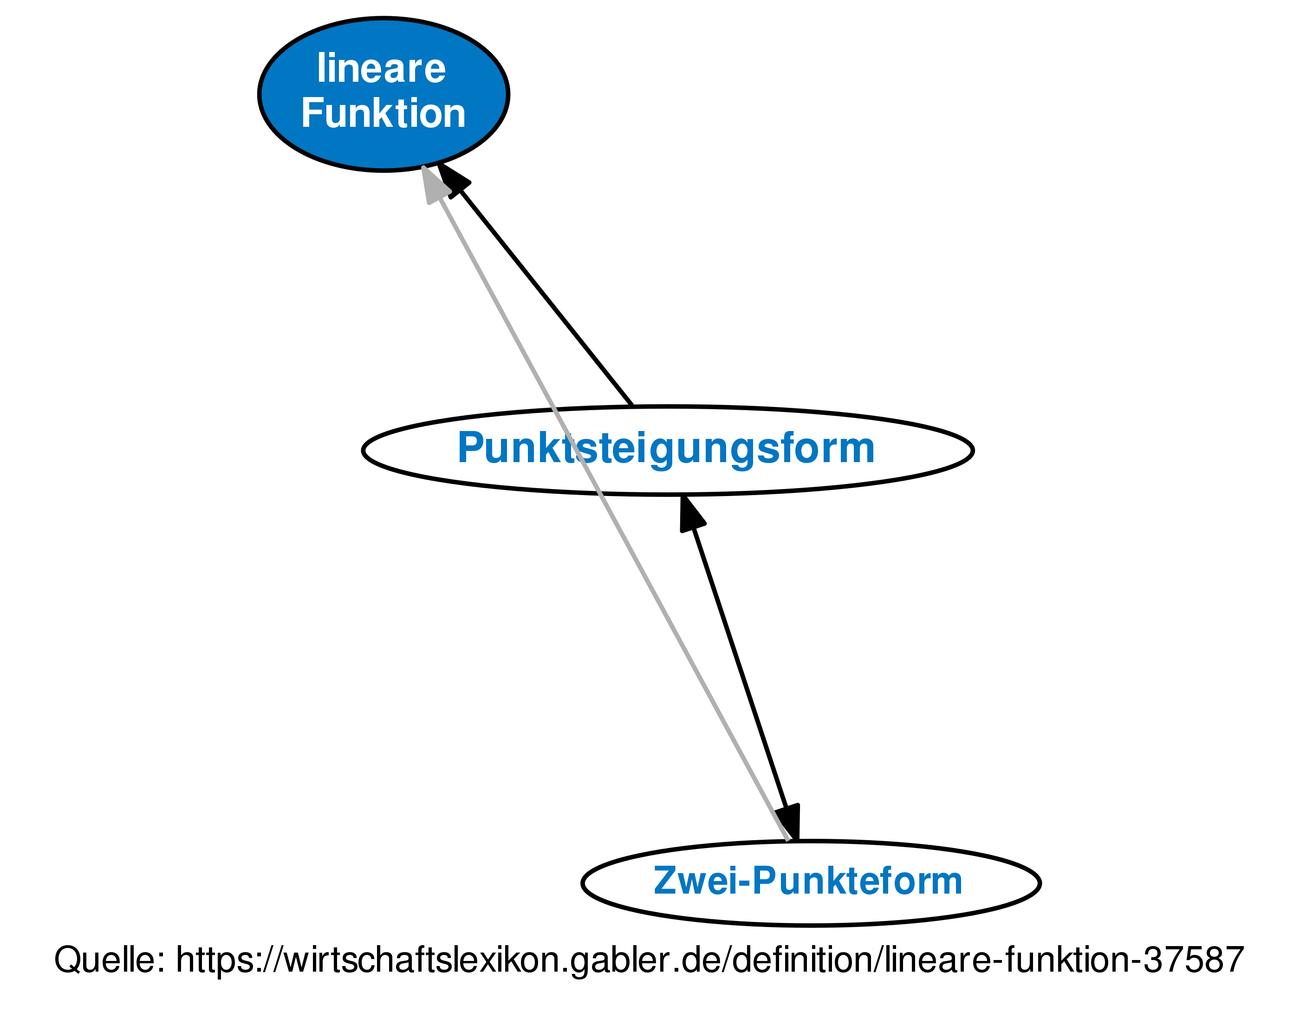 Definition »lineare Funktion« im Gabler Wirtschaftslexikon